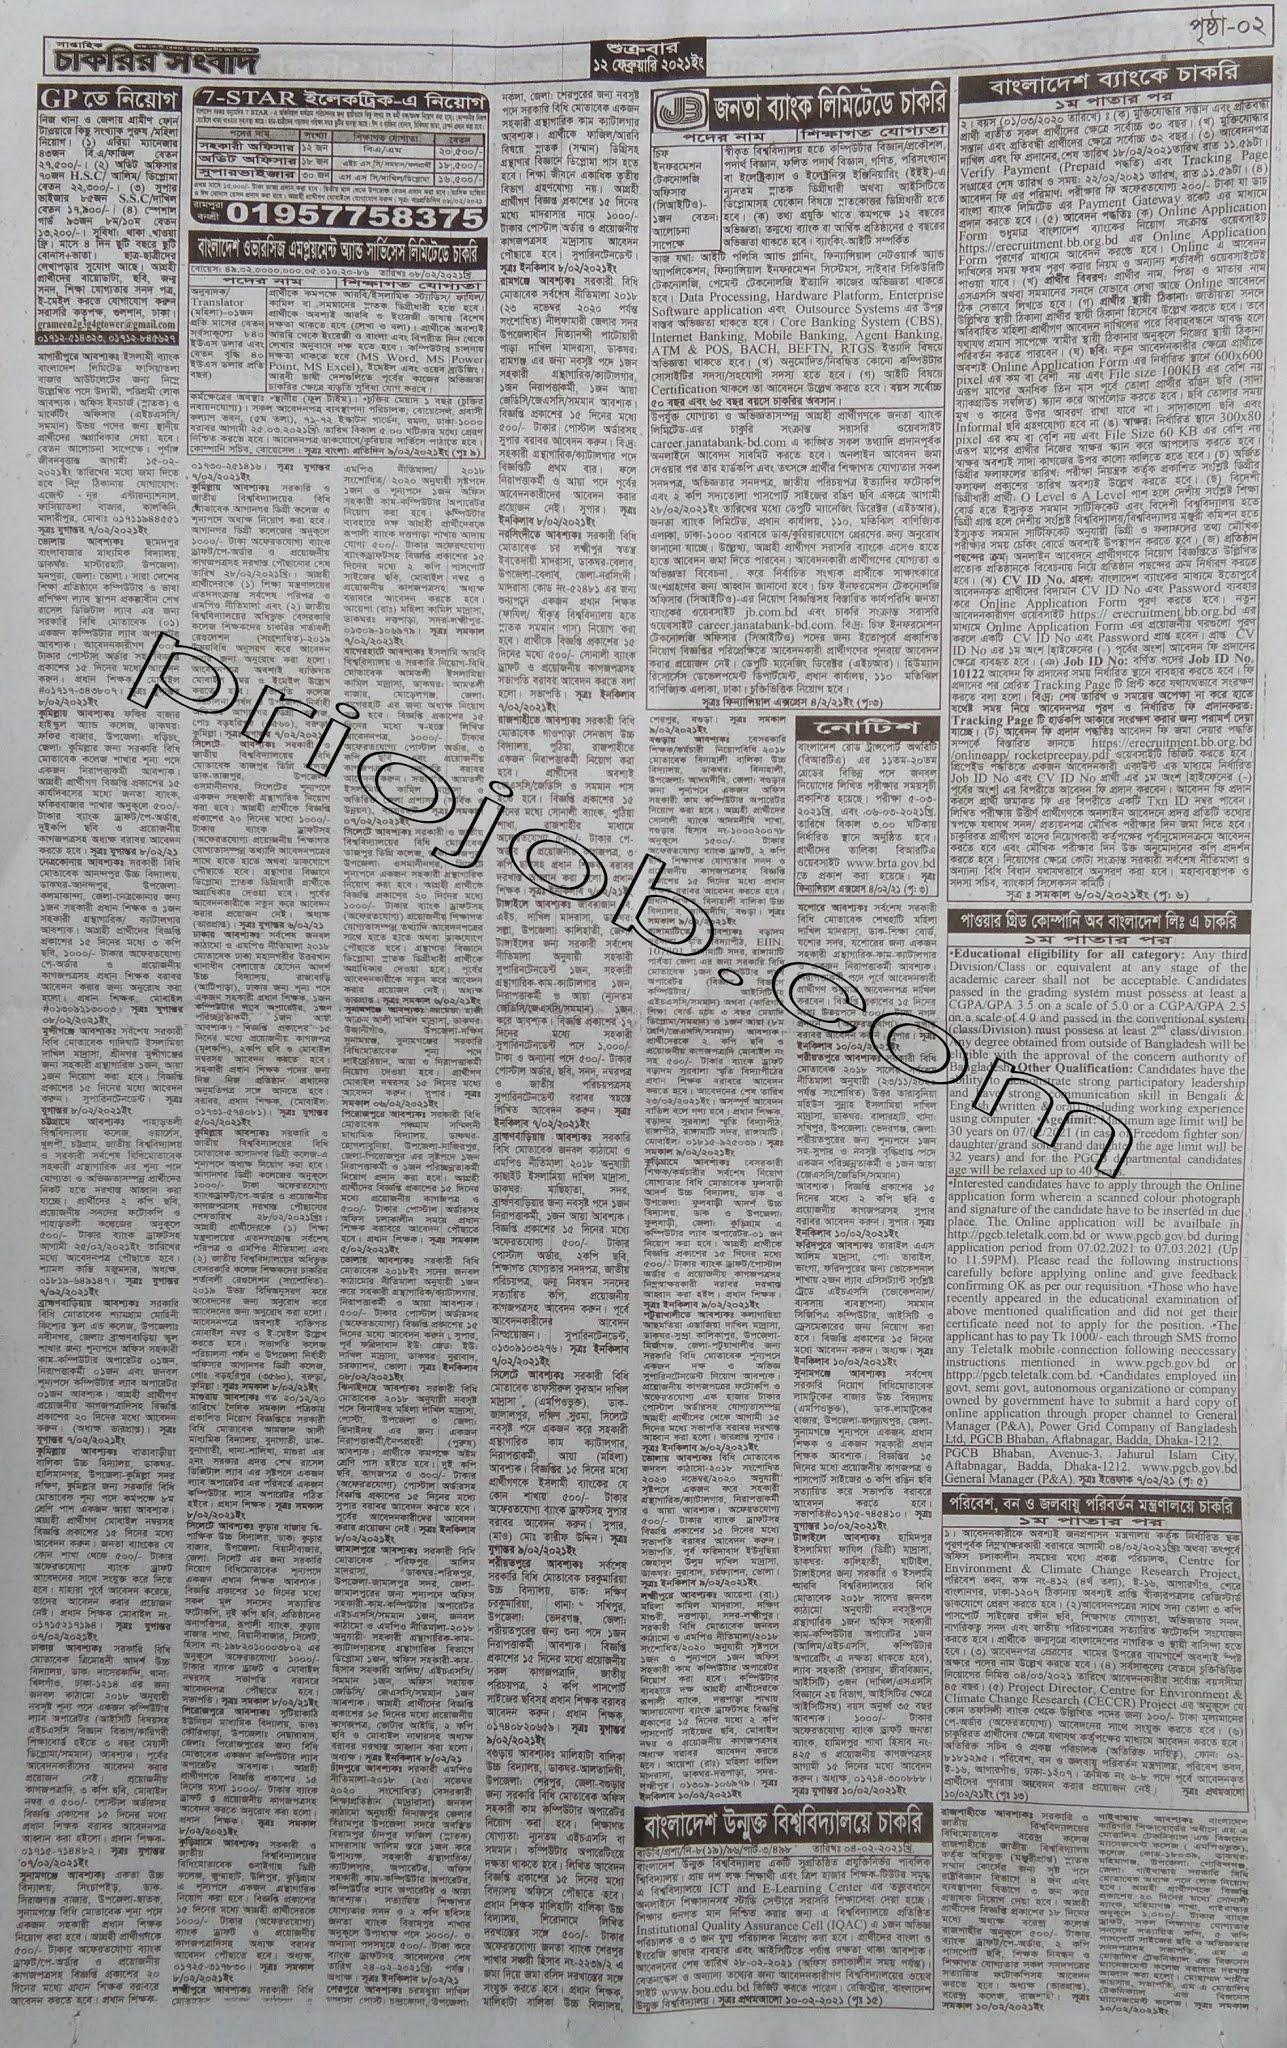 সাপ্তাহিক চাকরির সংবাদ পত্রিকা ১২ ফেব্রুয়ারি ২০২১ - Weekly Job And Career Magazine Chakrir Dak 12 February 2021 - Saptahik Chakrir Sngbad potrika 12-02-2021